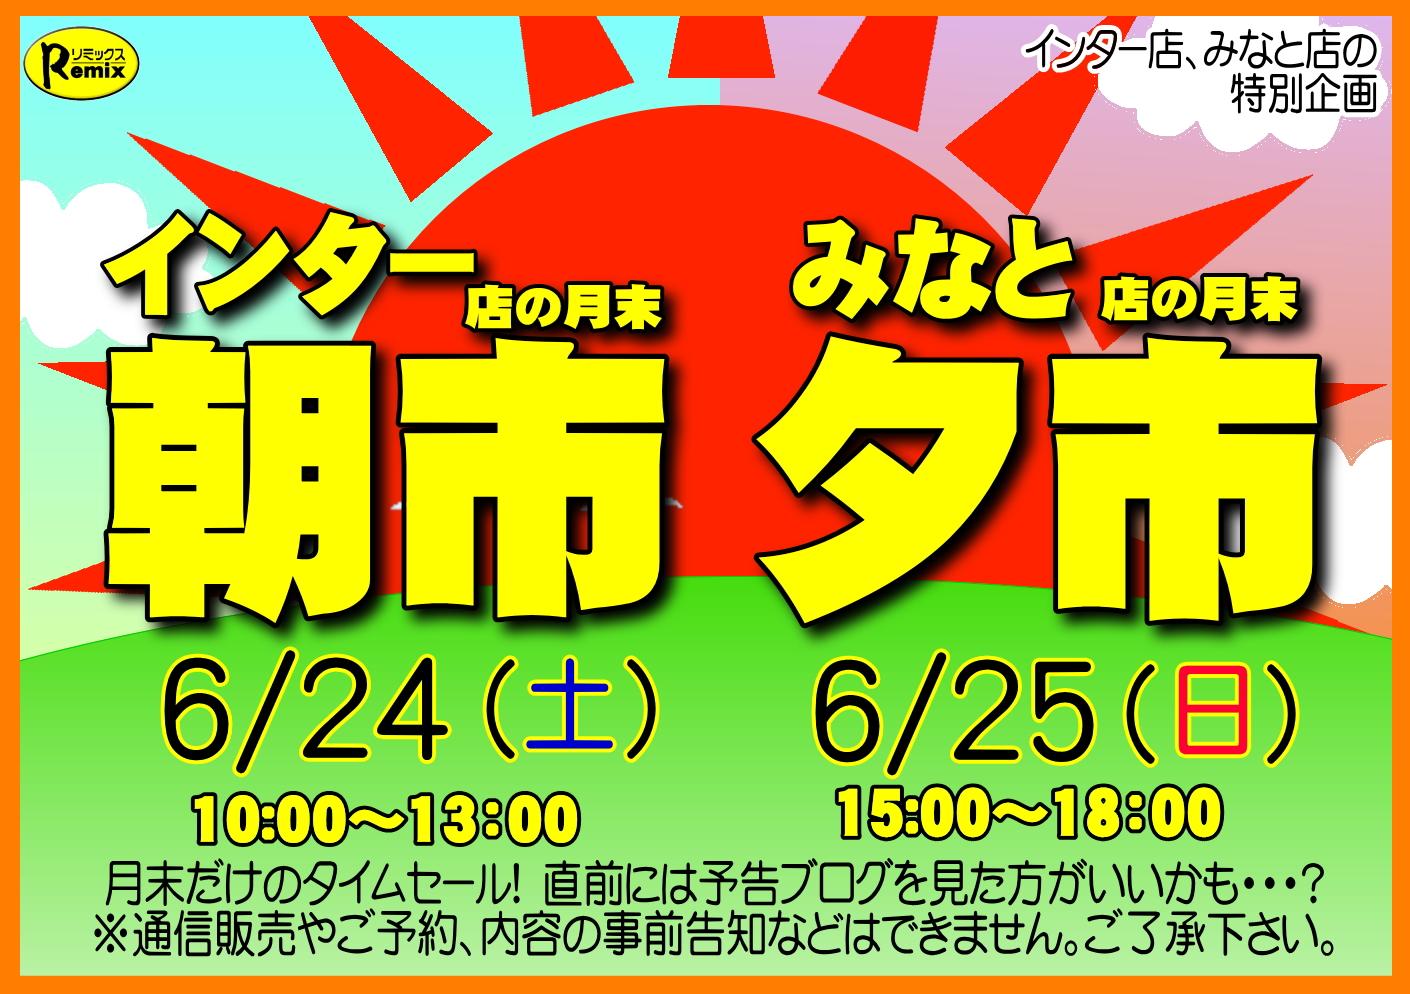 6月24日(土)はインター店に来ないと損しちゃいますよ!!